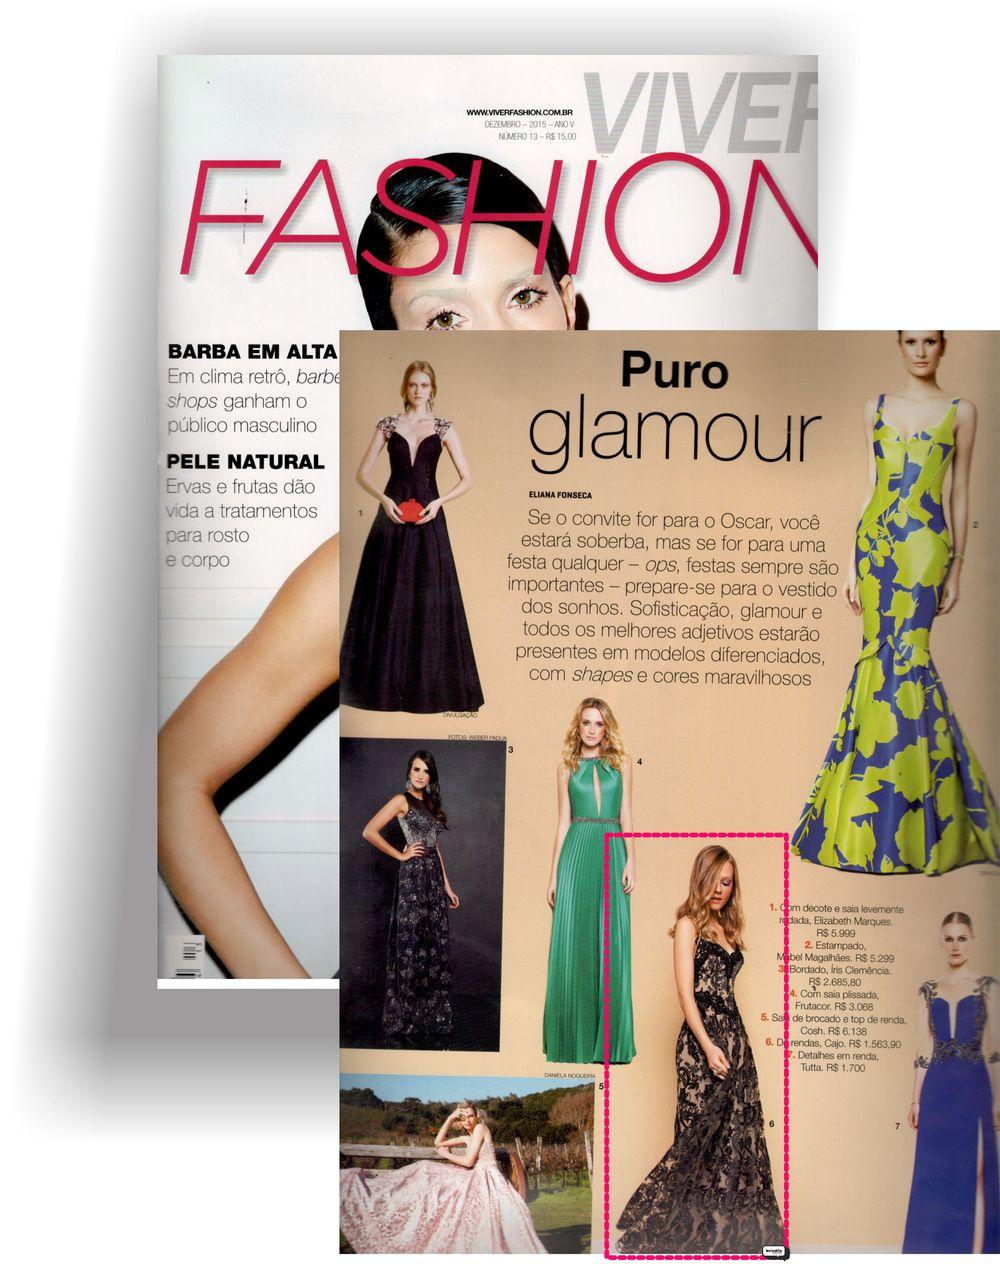 Cajo - Revista Viver Fashion - Dezembro de 2015.jpg